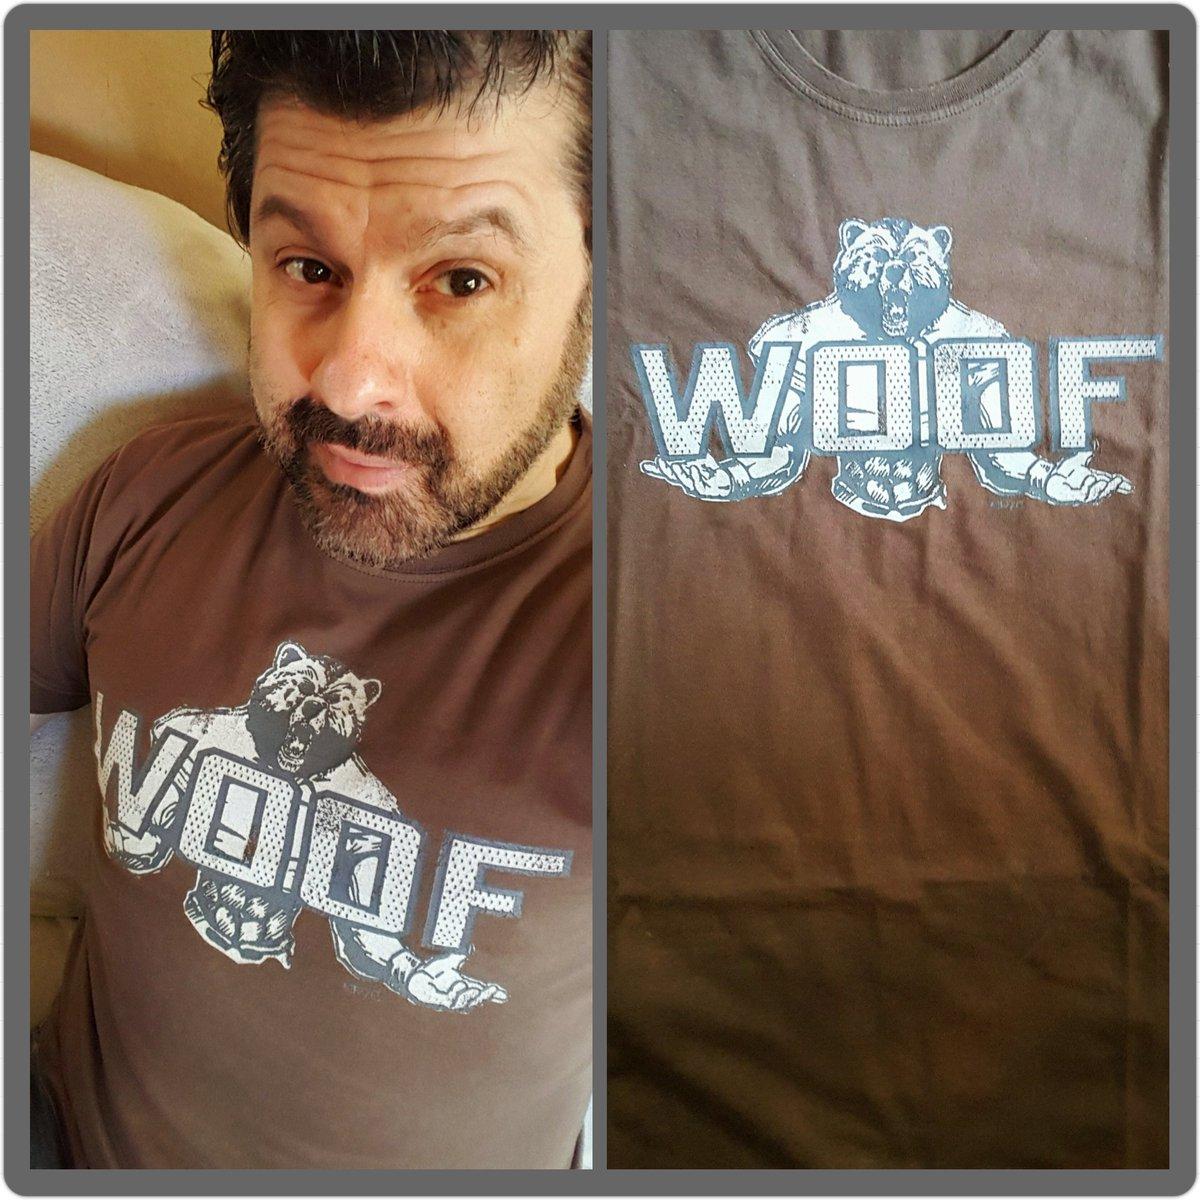 T-shirt of the Day #tshirtfreak #tshirts #tshirtlovers #tshirt #tshirtdesign #tshirtchallenge #tshirtoftheday #Woof #springbear #staystrongpic.twitter.com/PP870DhNuG